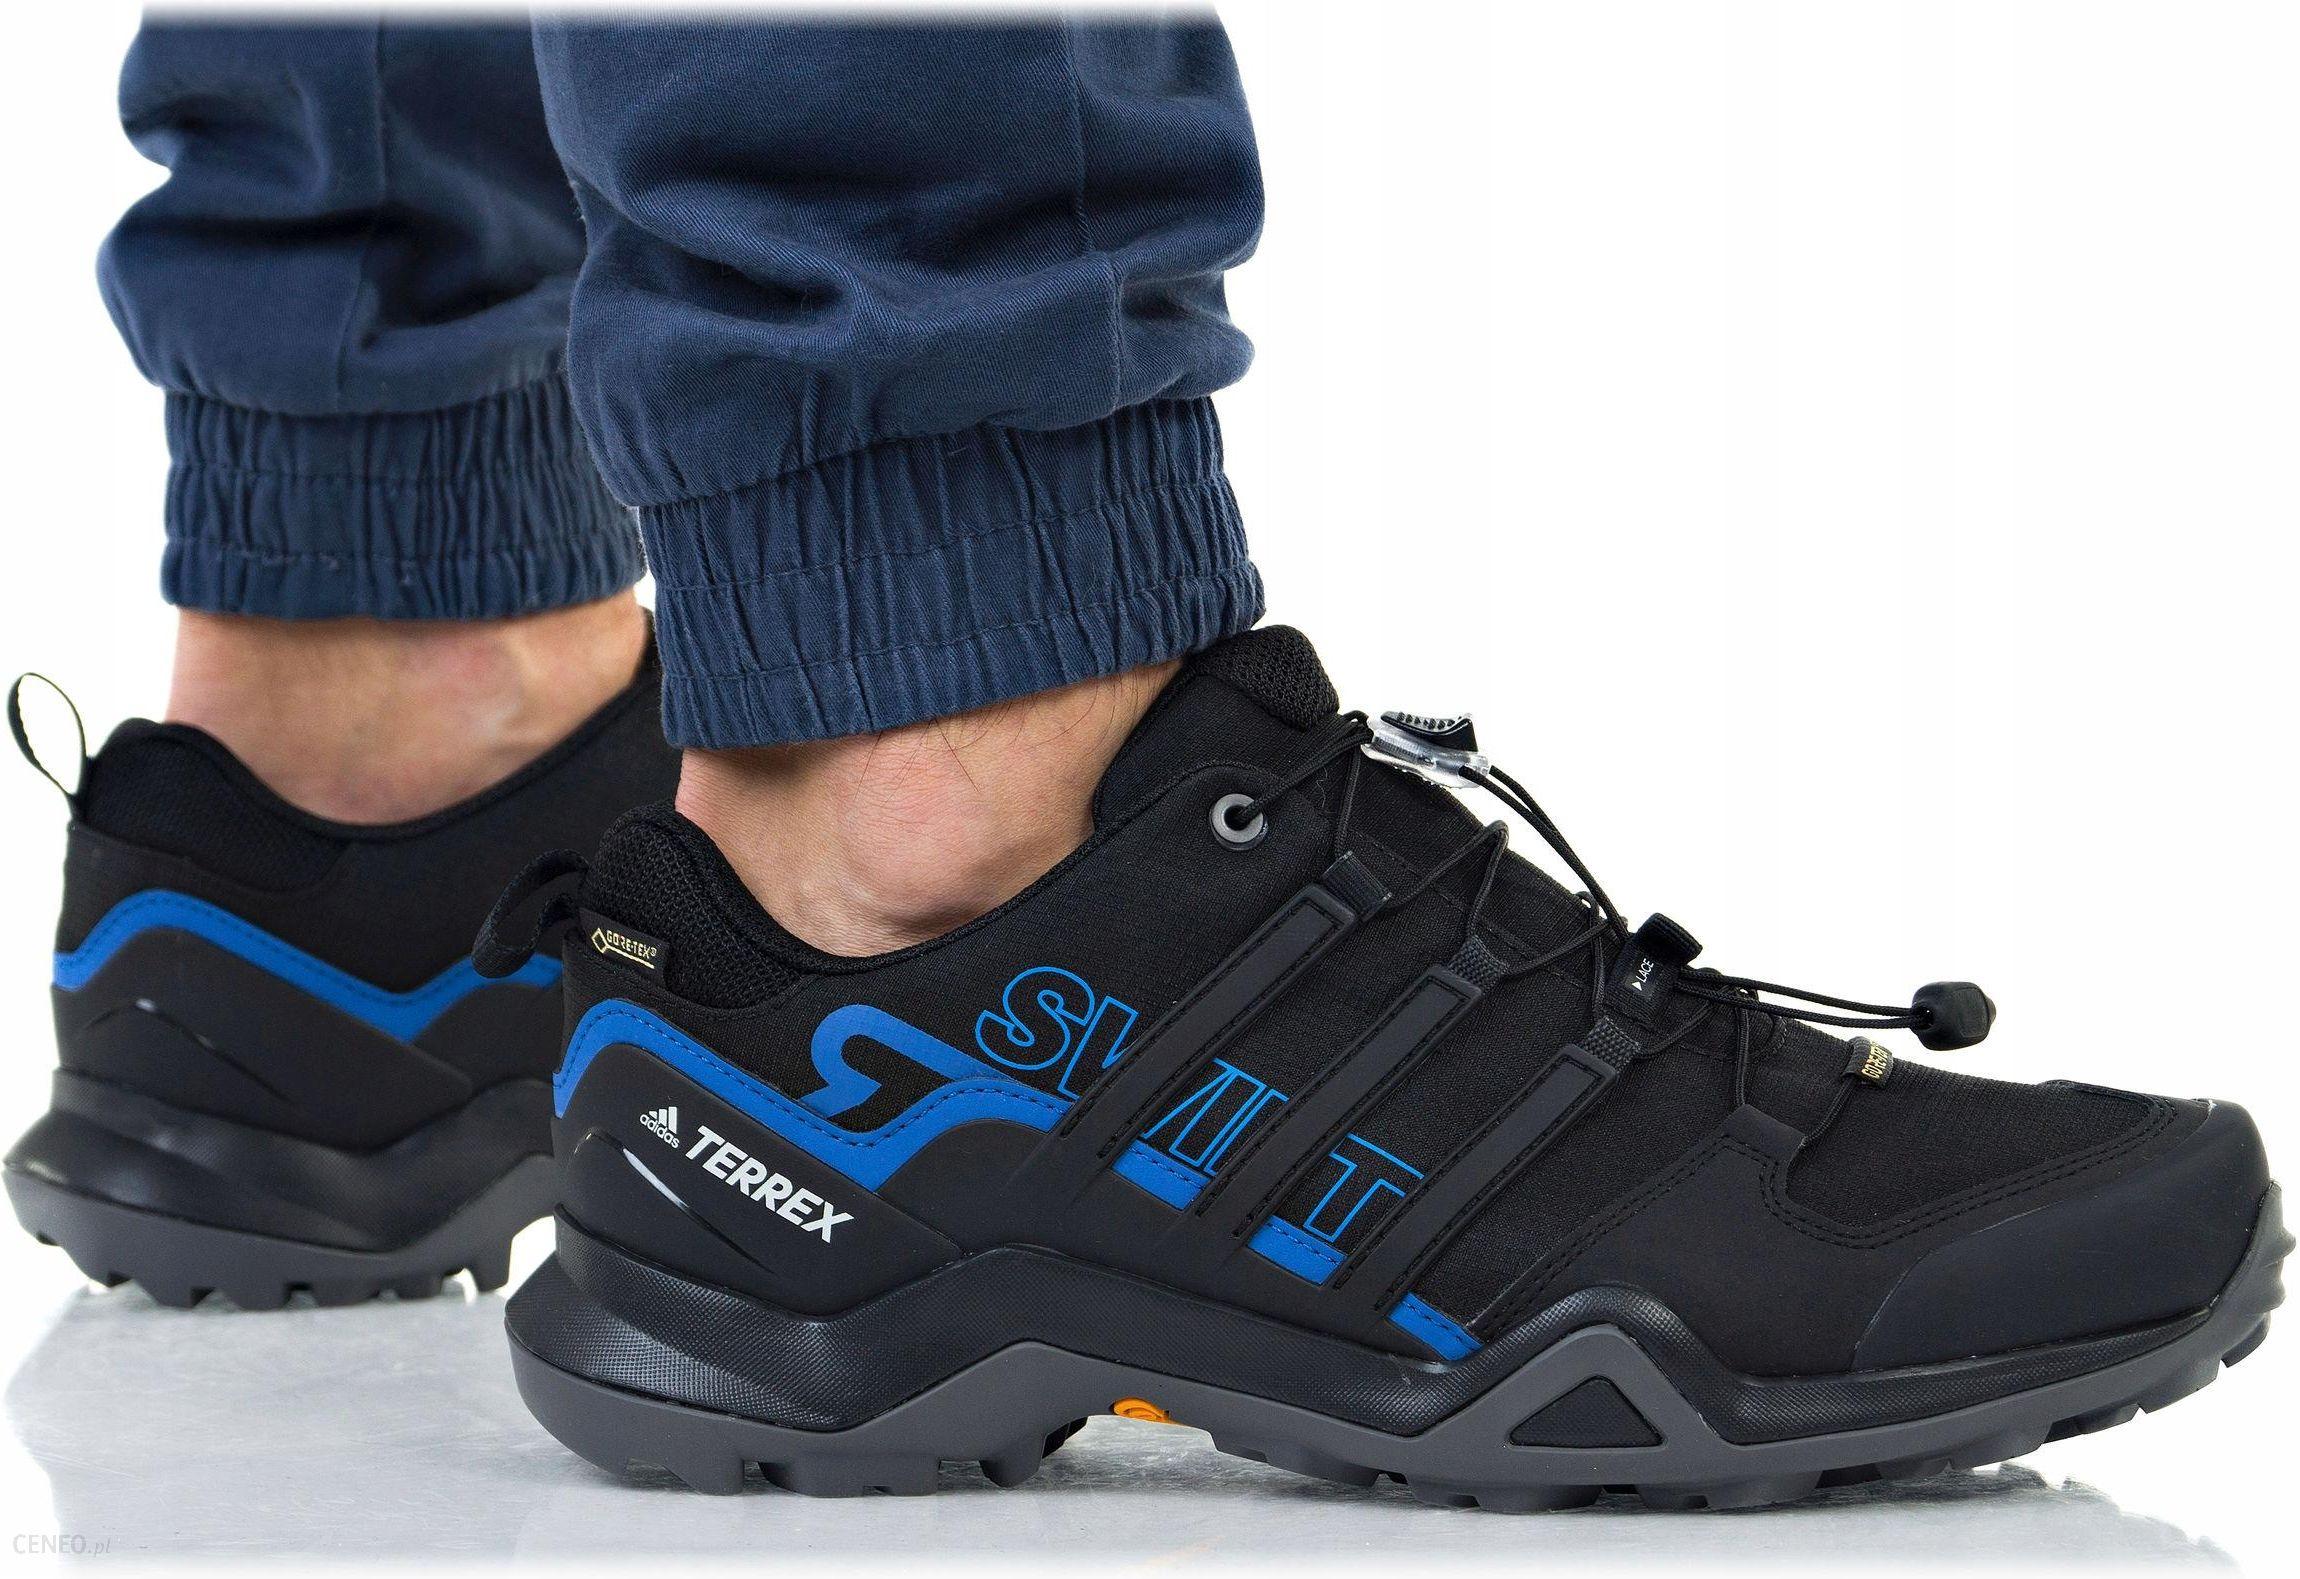 Buty Adidas M?skie Terrex Swift R2 Gtx AC7829 Ceny i opinie Ceneo.pl